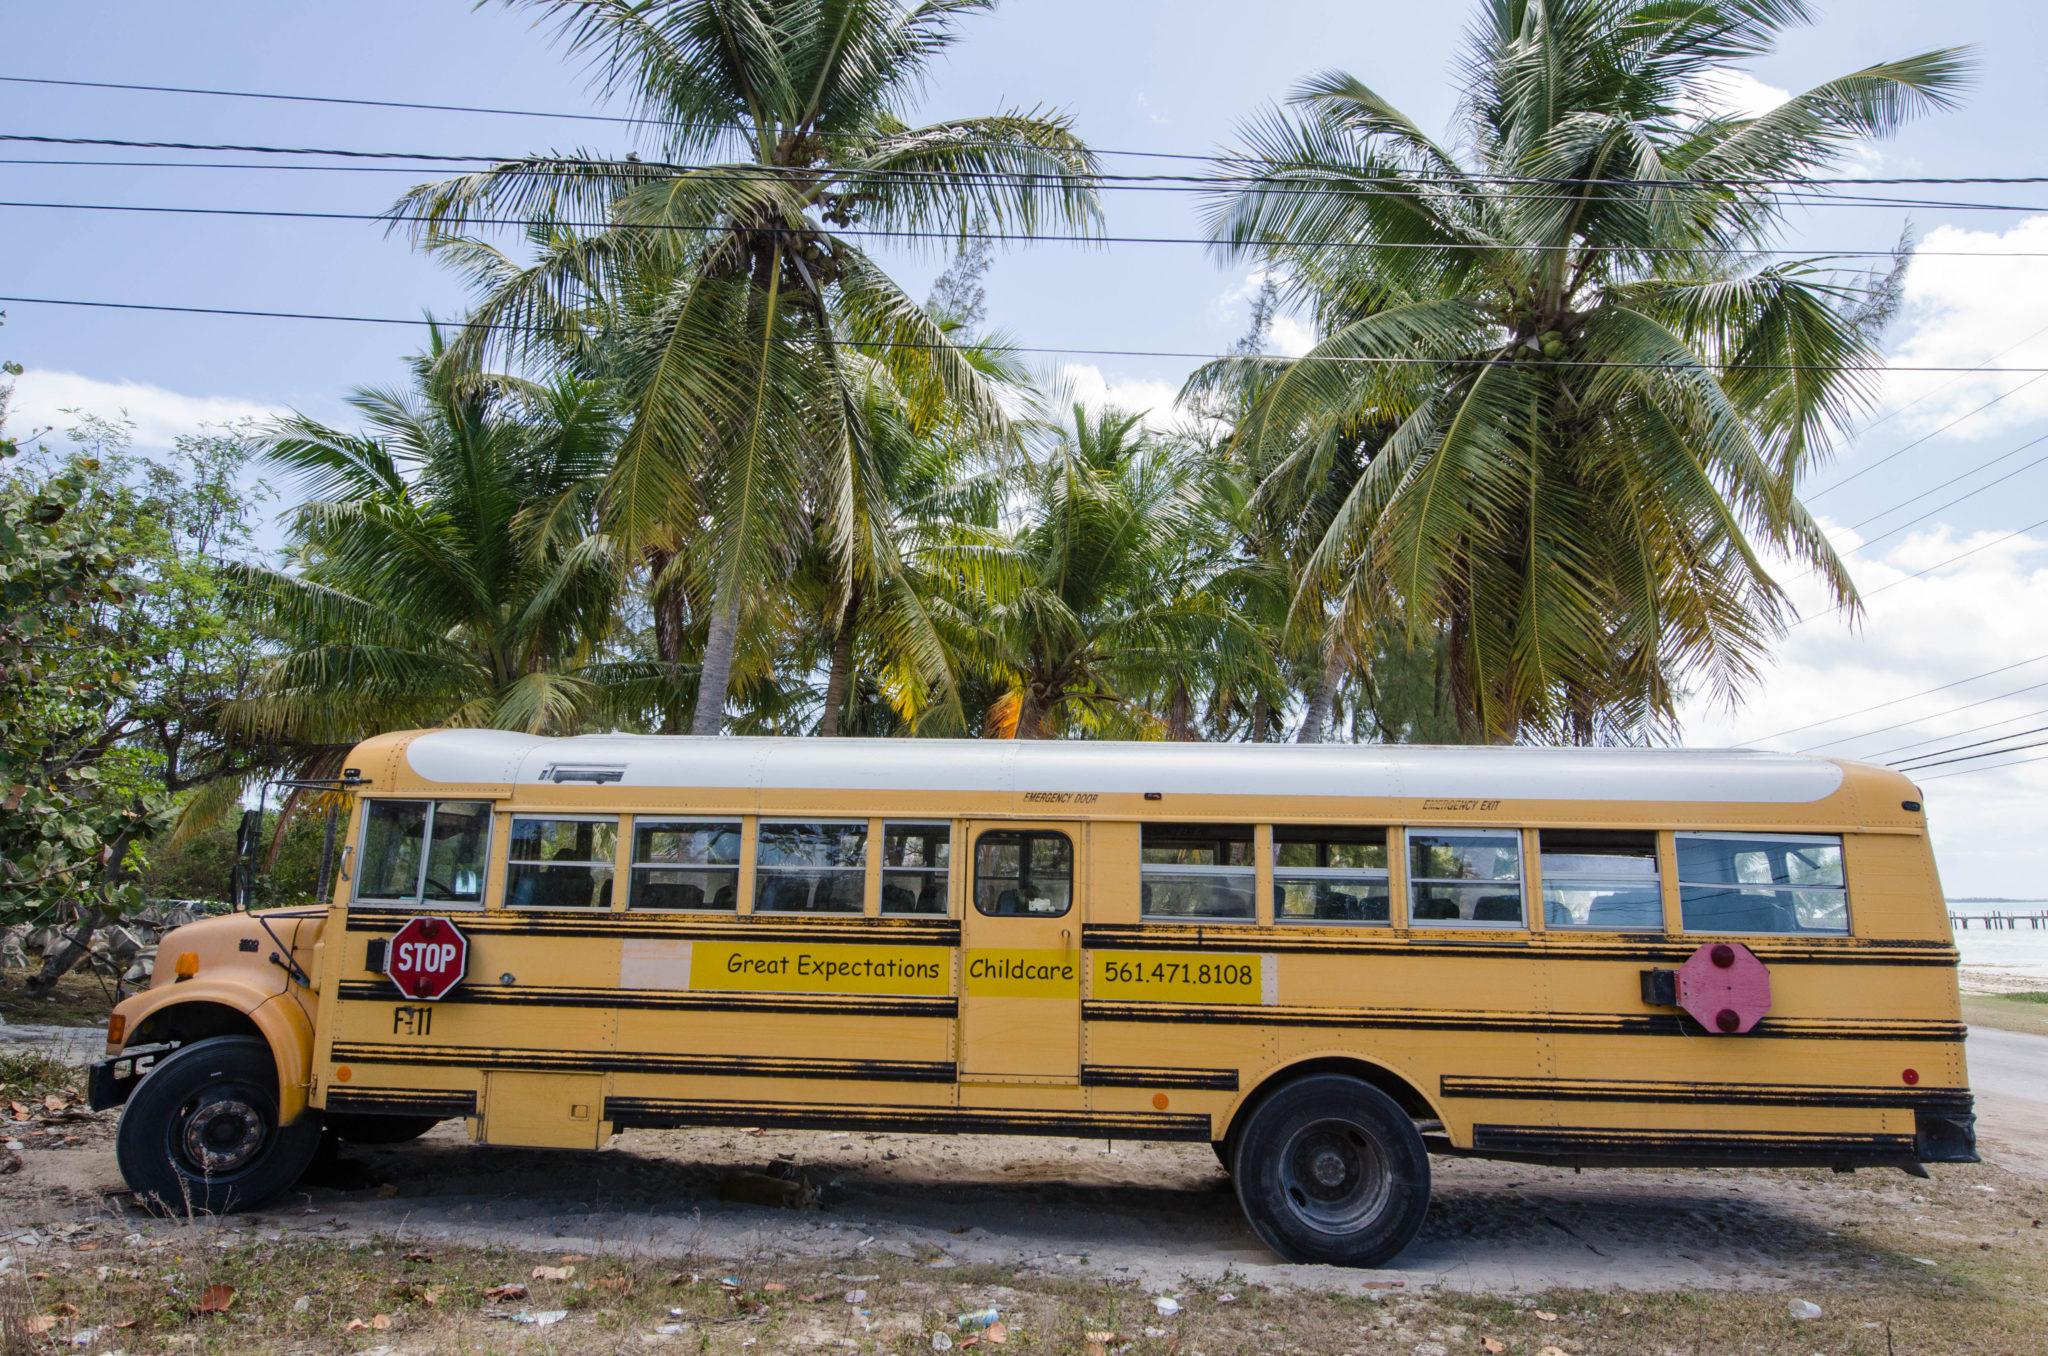 Eleuthera auf den Bahamas: Reisetipps, Sehenswürdigkeiten und Highlights